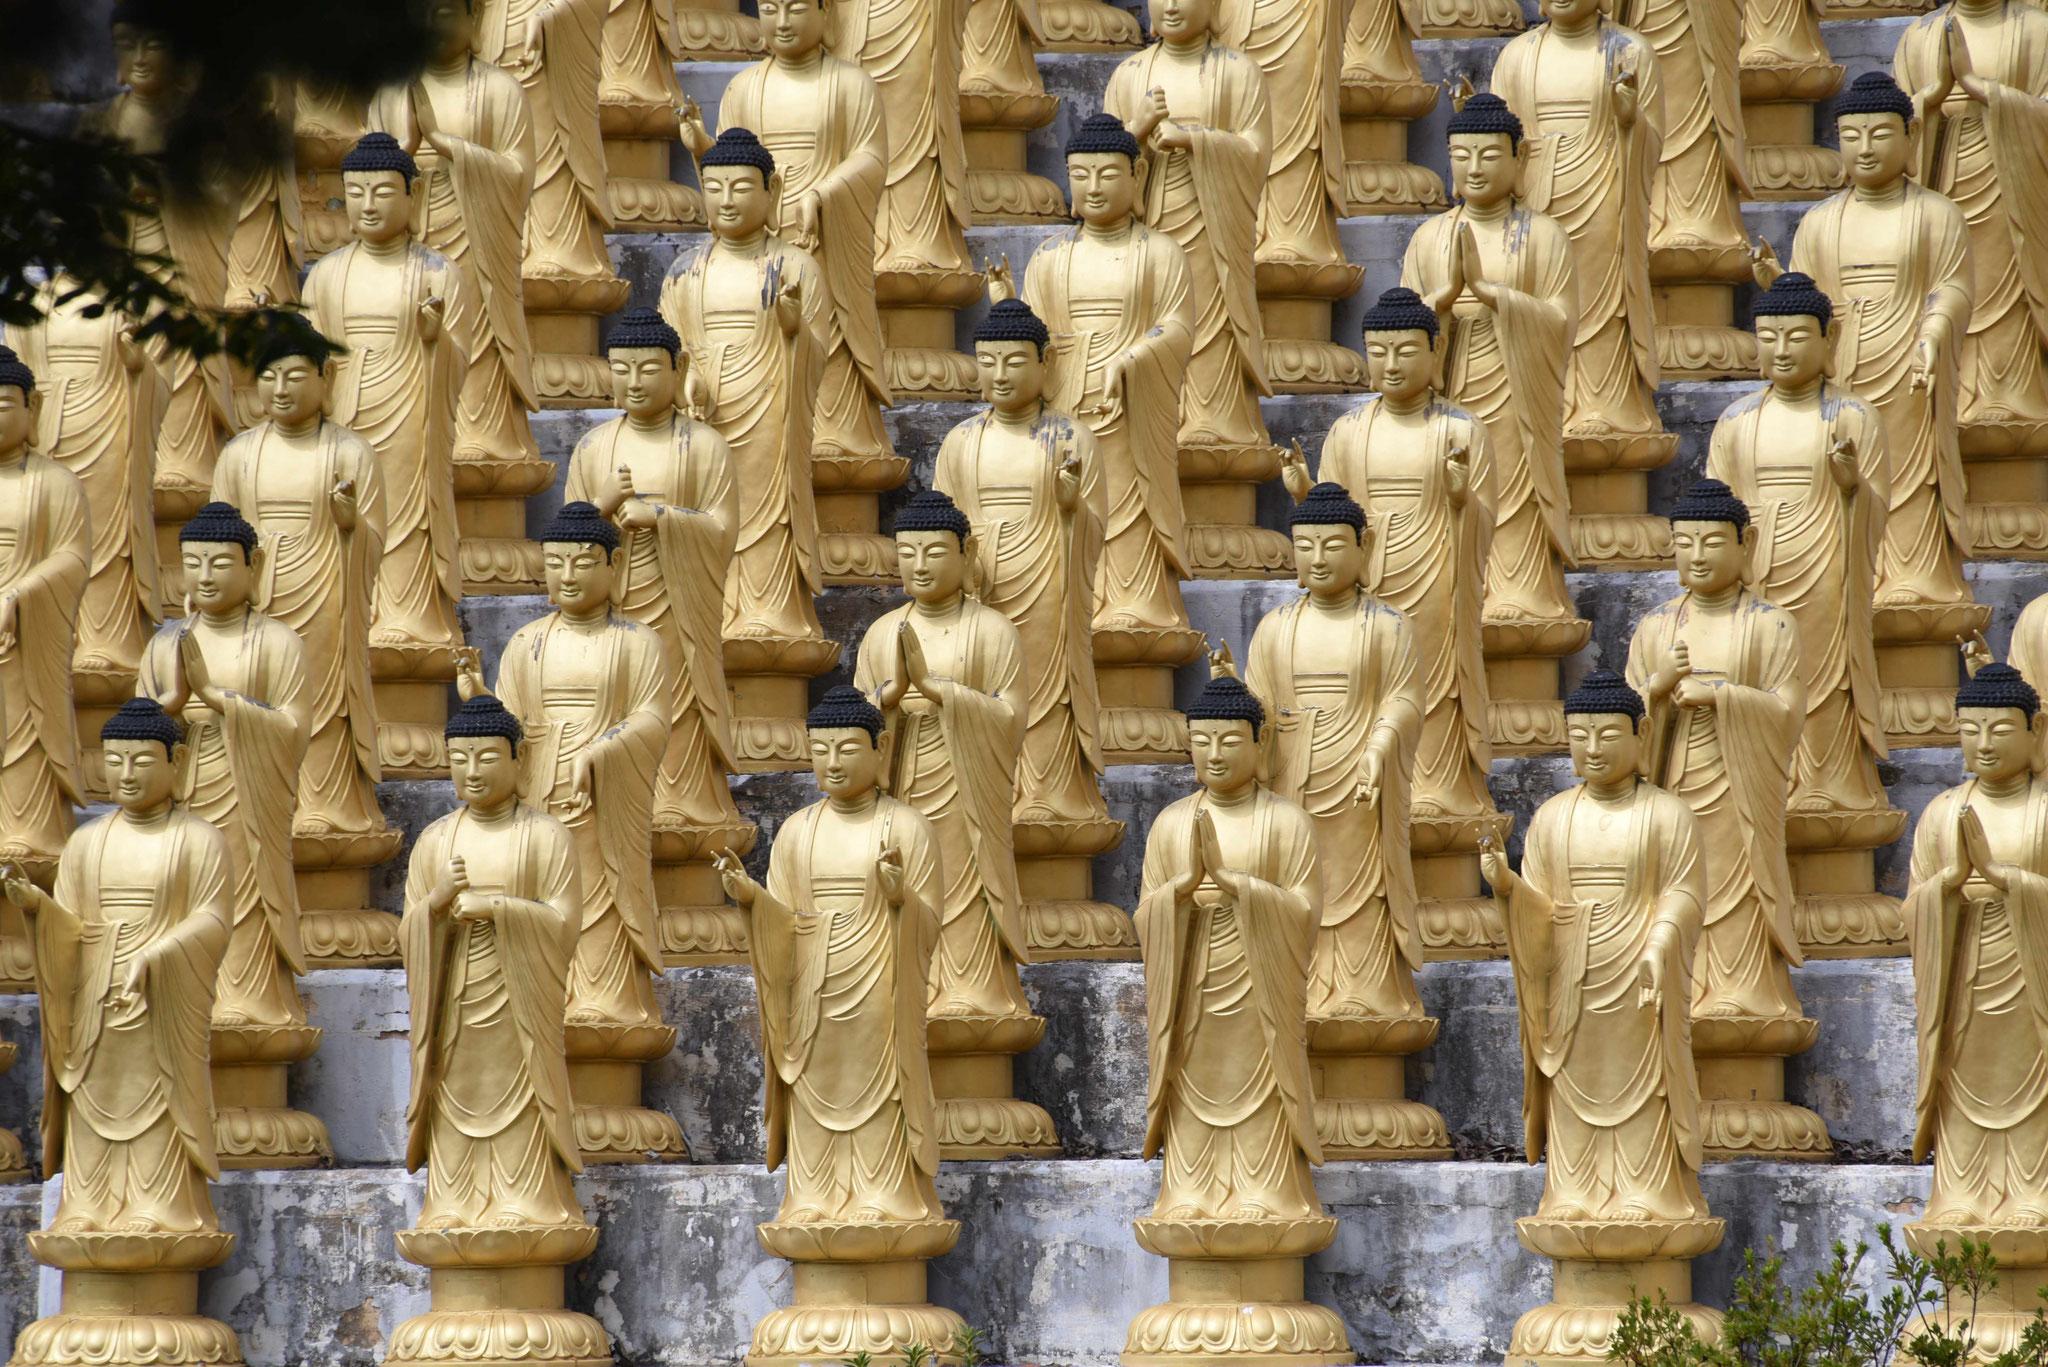 Kleiner Einblick von 1000 Statuen